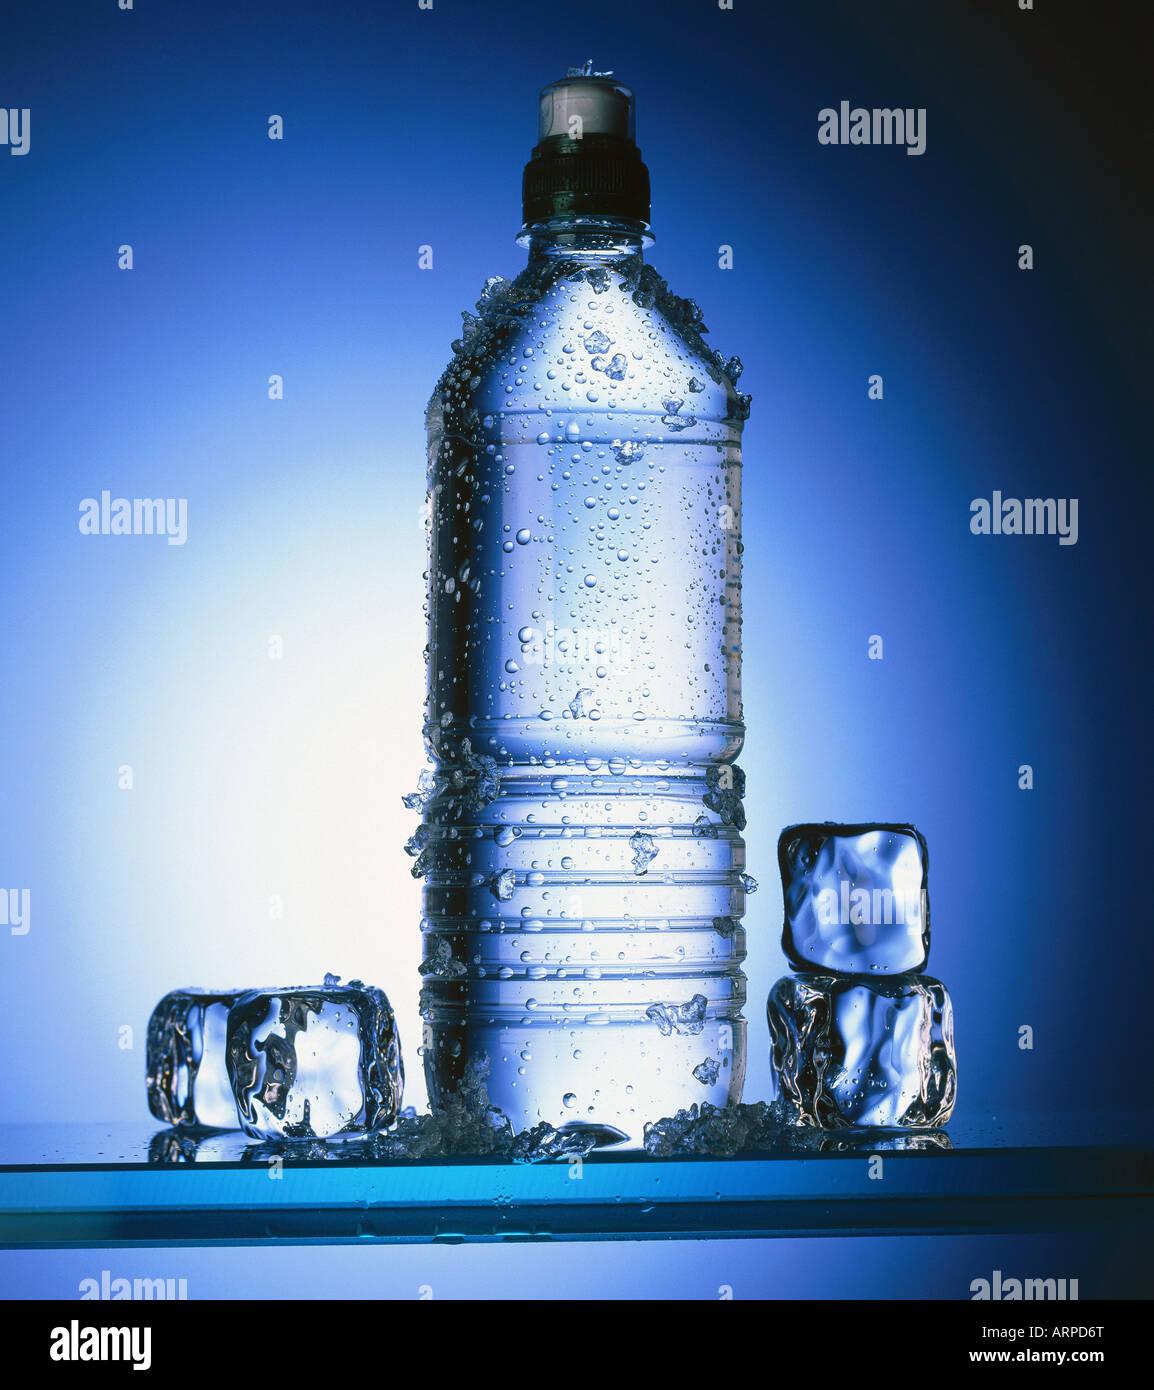 Flasche Wasser w Eiswürfel Stockbild